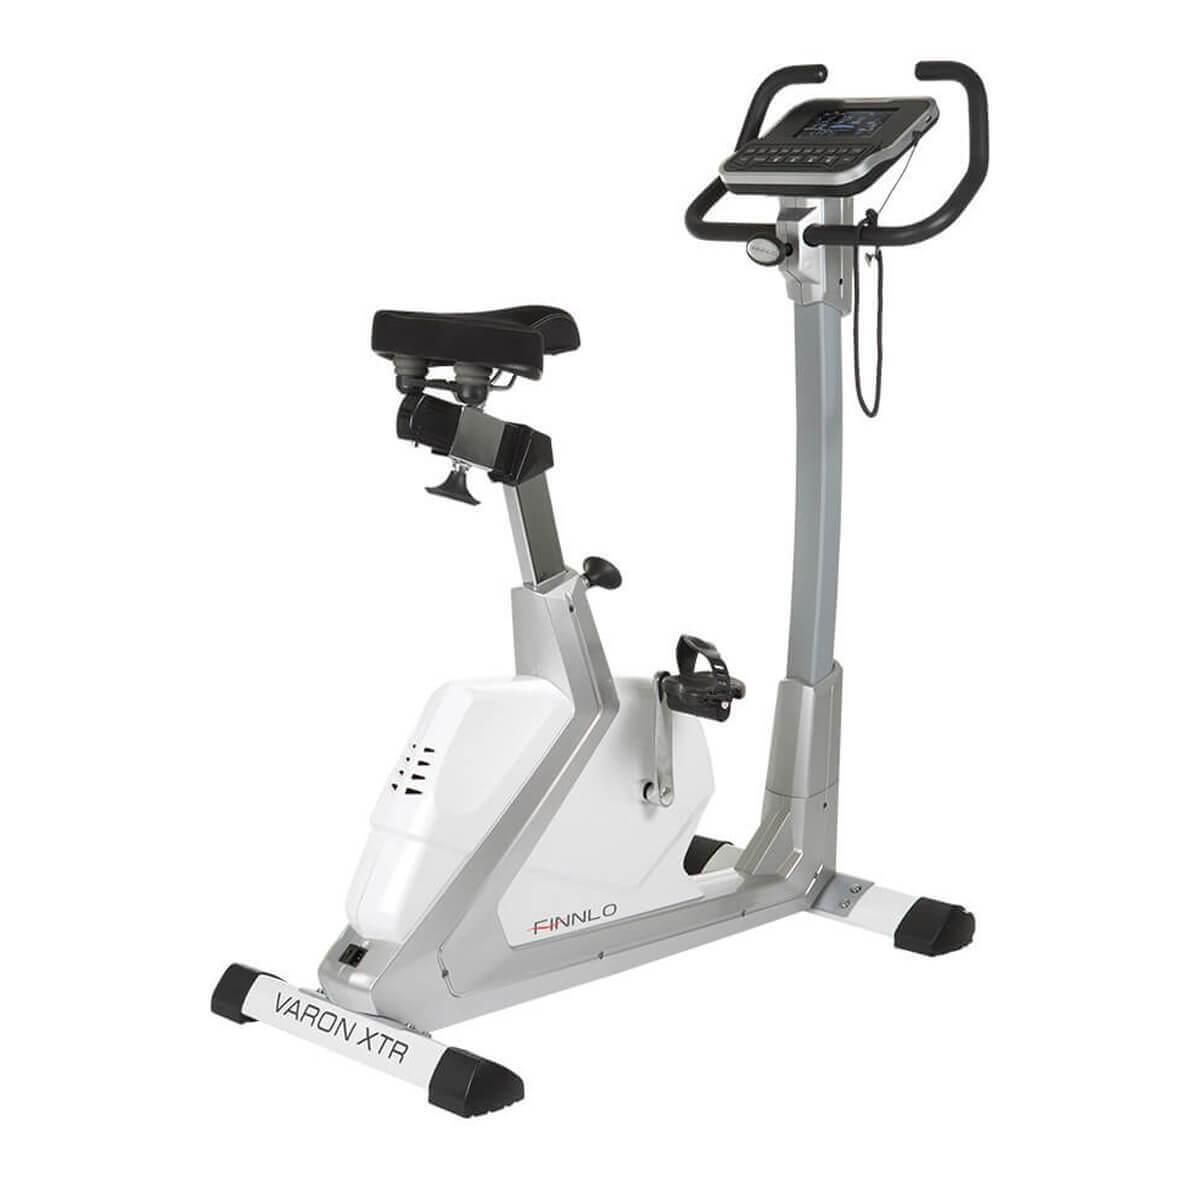 Varon XTR Motionscykel